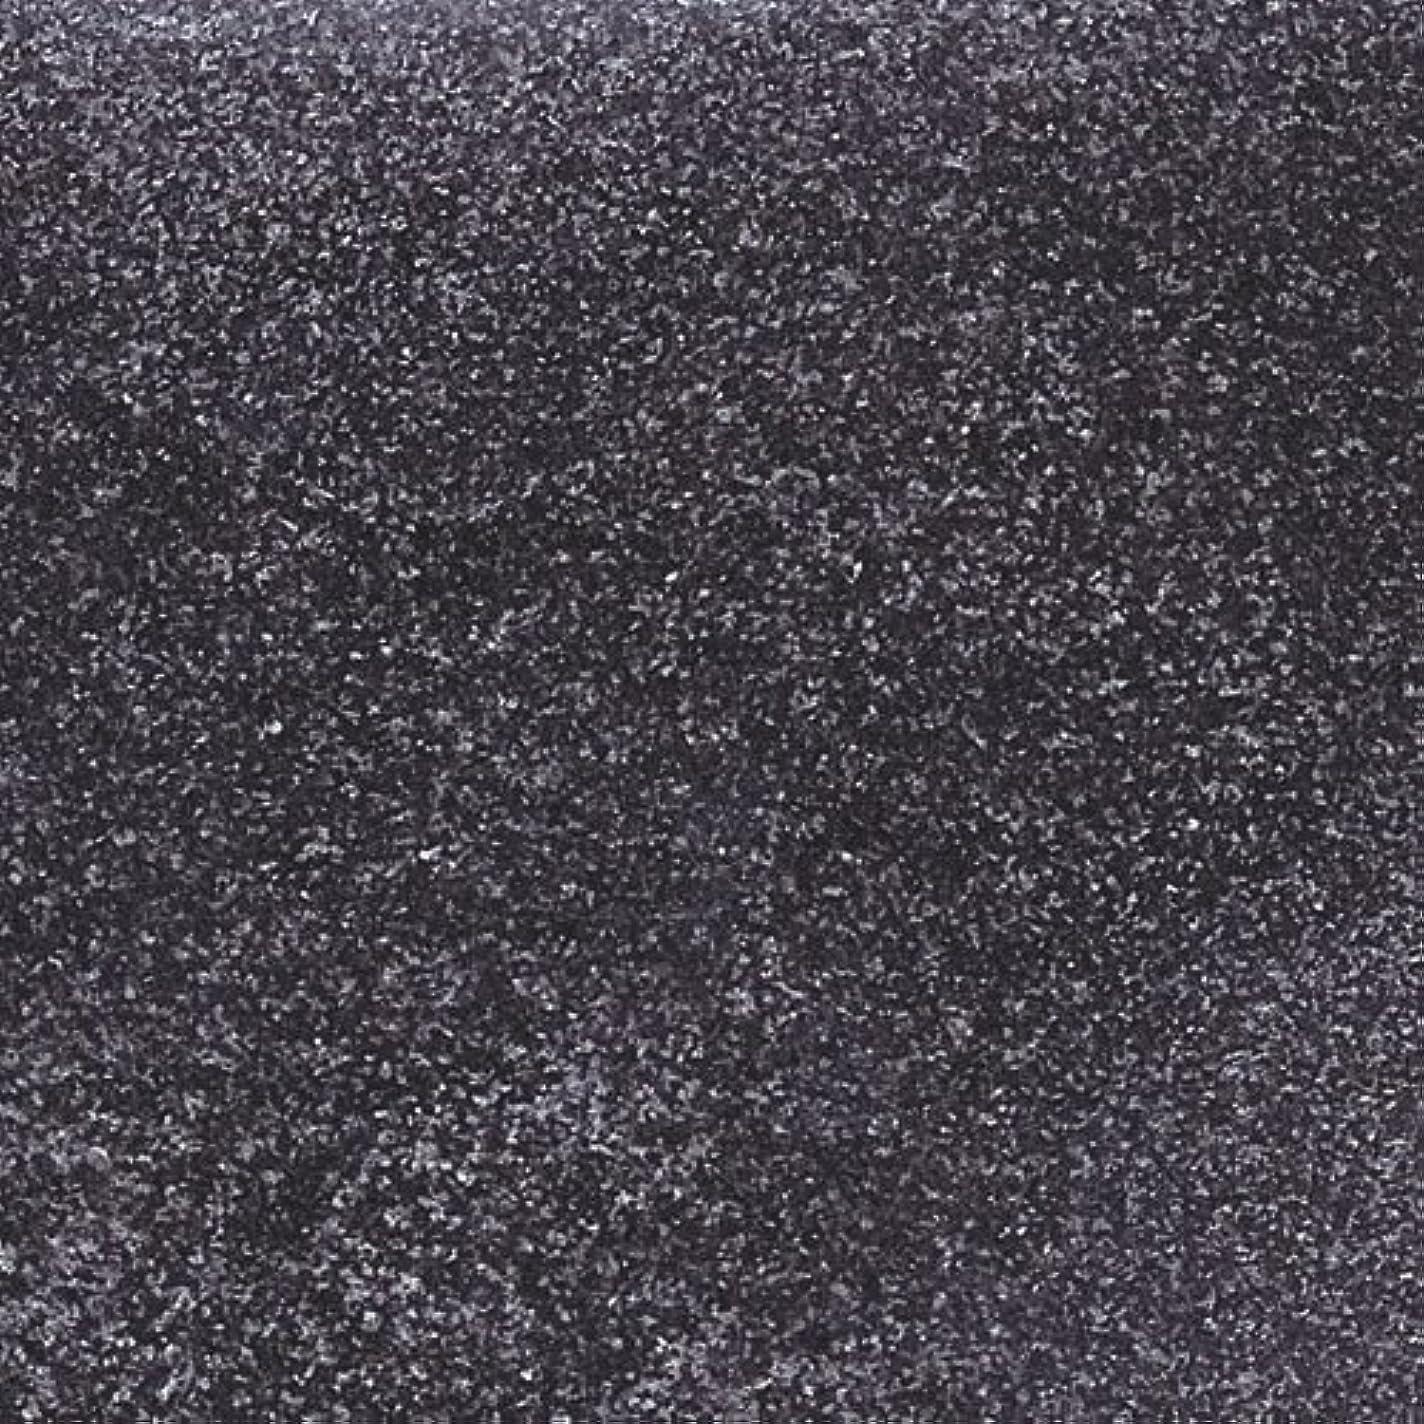 深遠家主紫のピカエース ネイル用パウダー ピカエース シャインダスト #458 ミラーブラック 0.5g アート材